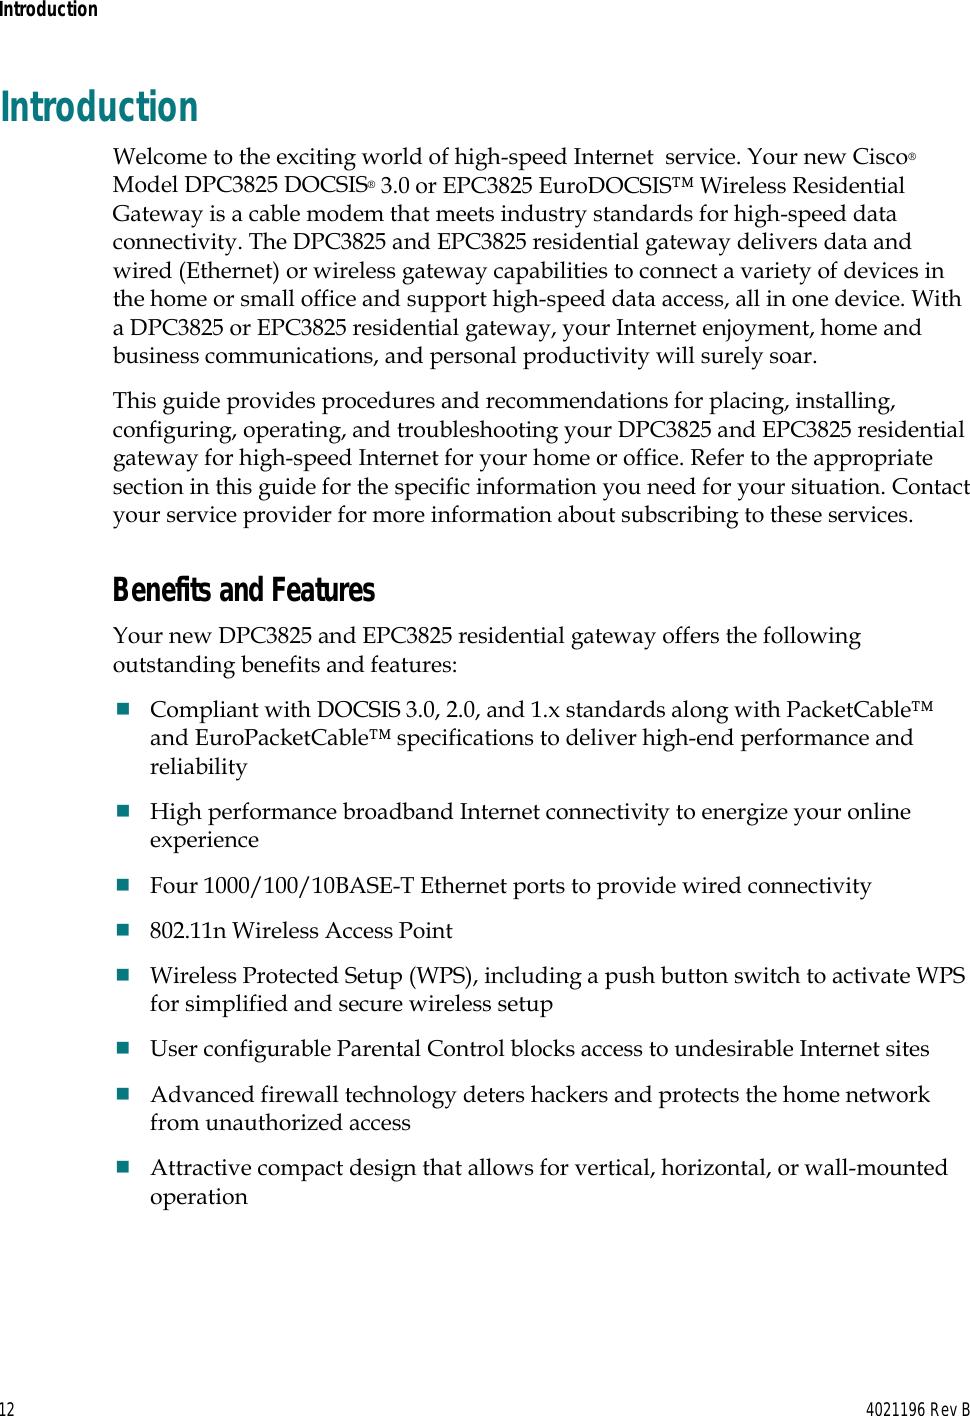 Cisco Dpc3825 Users Manual And EPC3825 8x4 DOCSIS 3 0